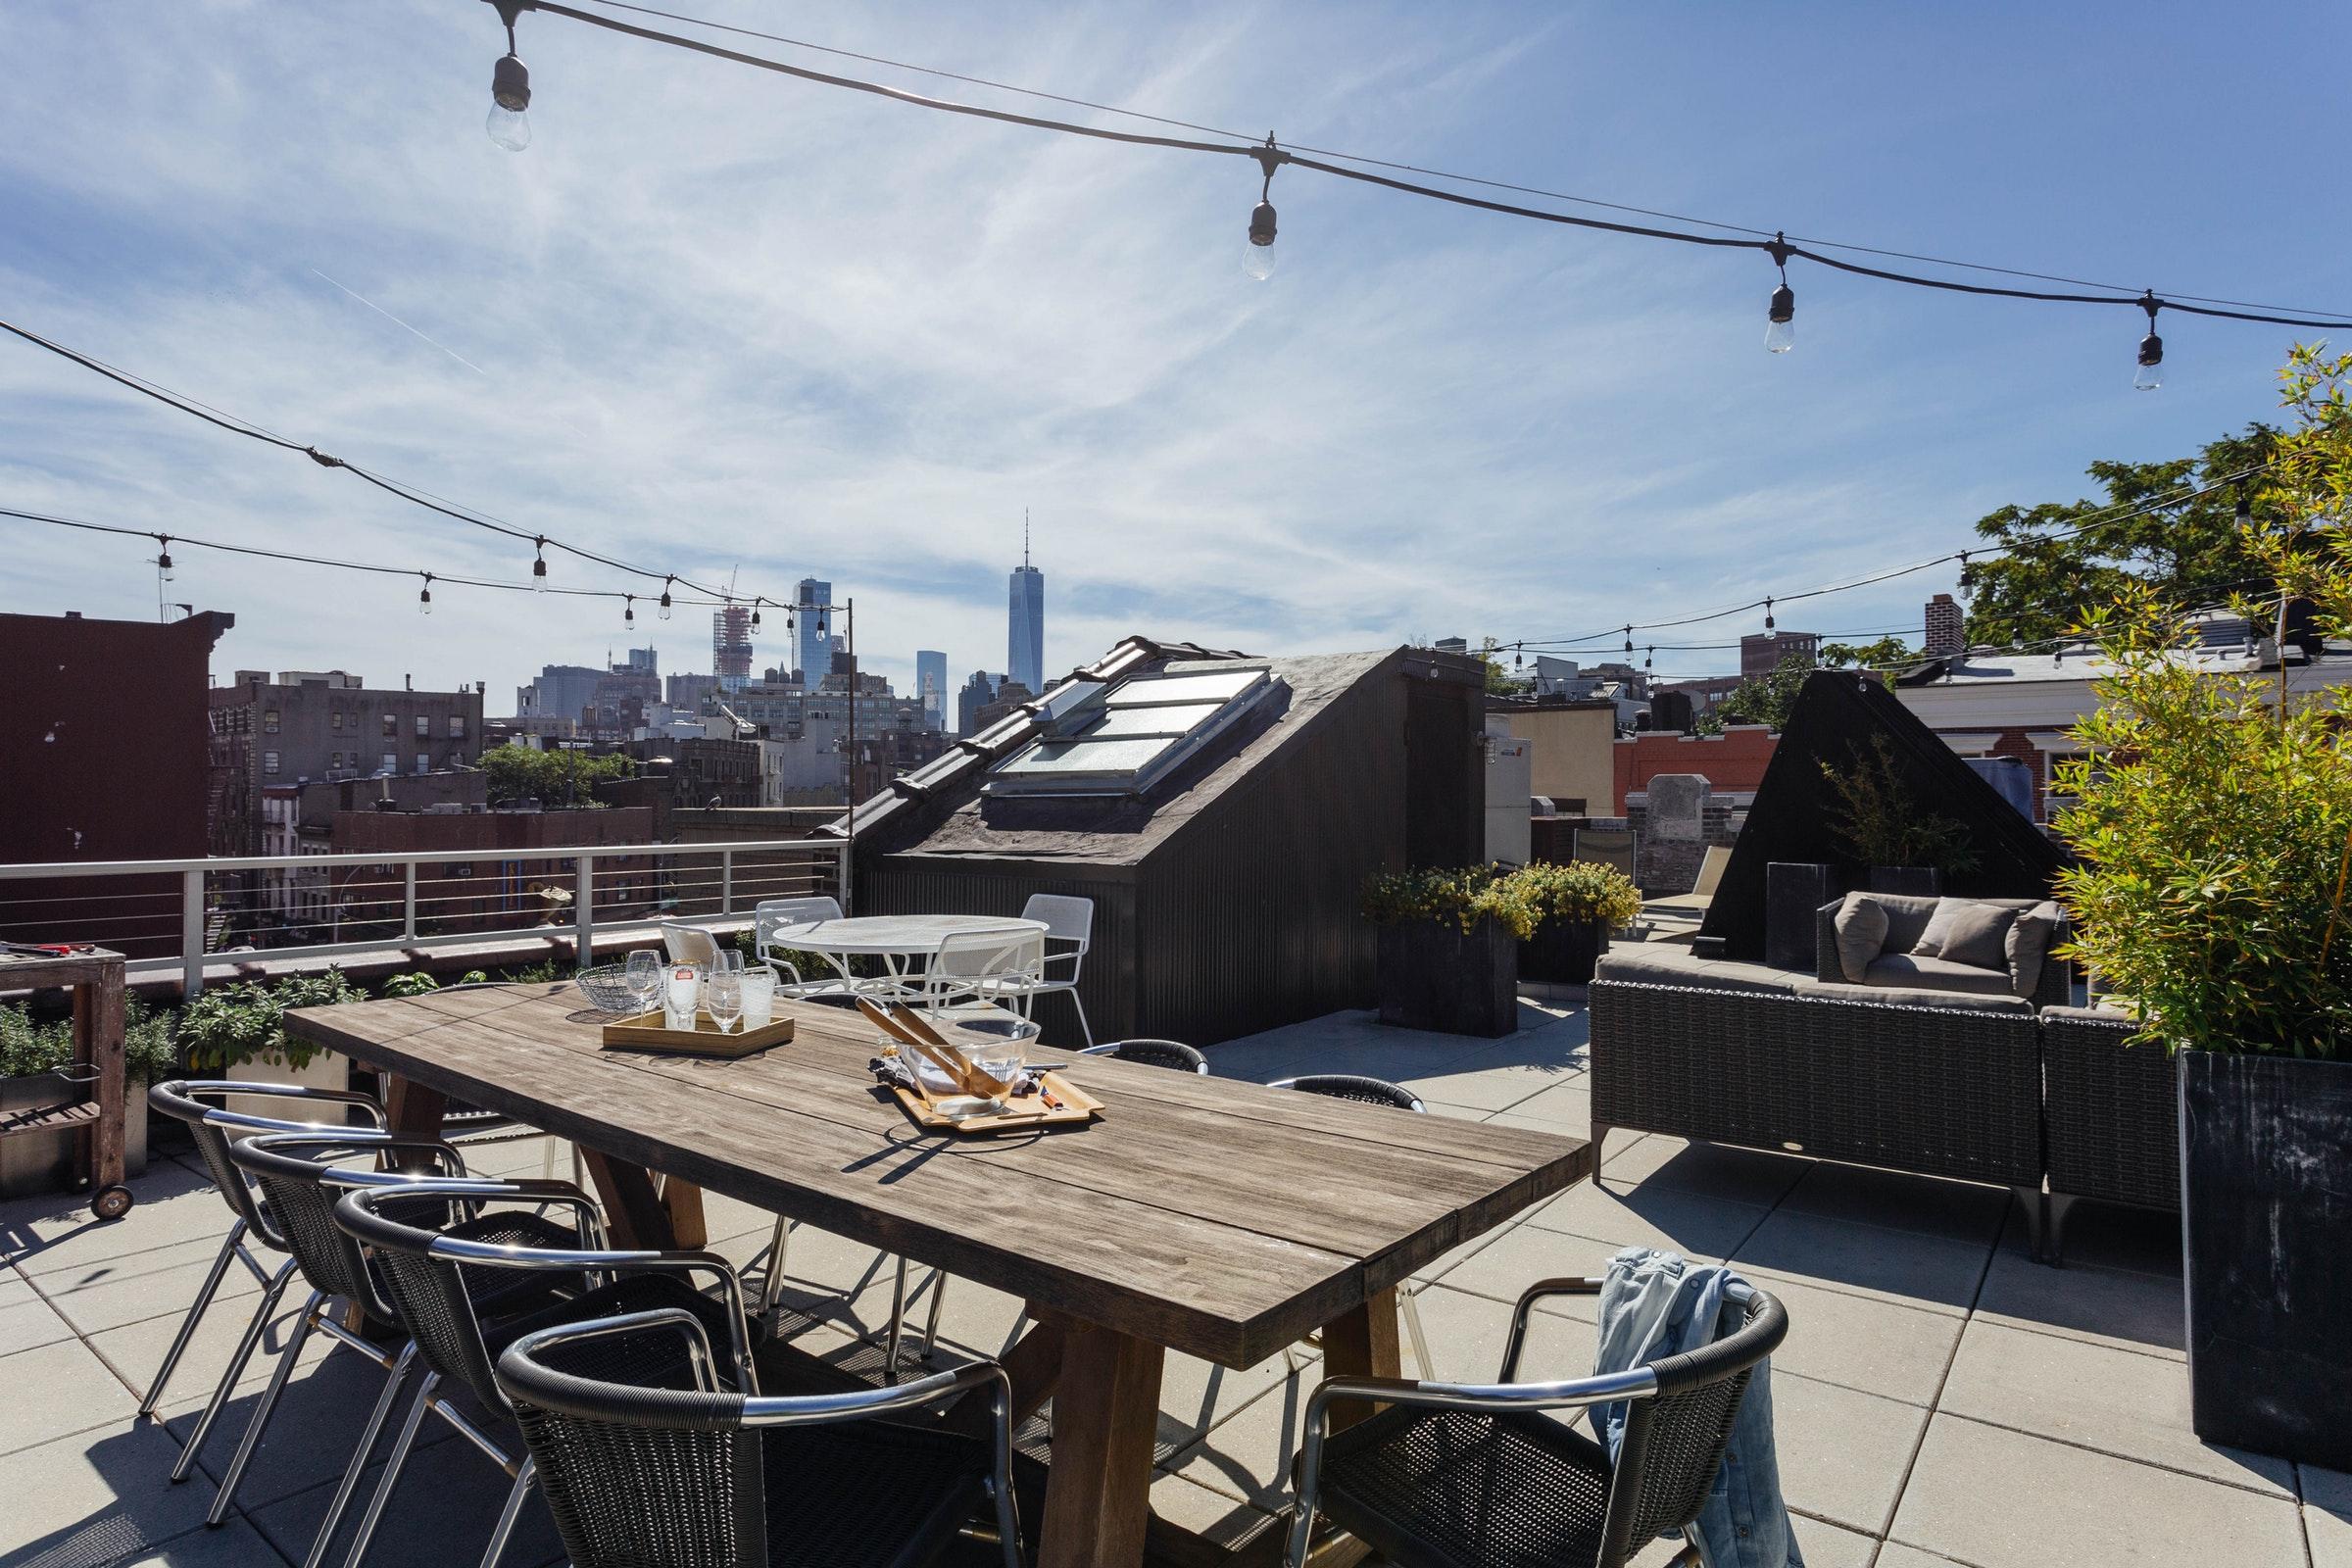 крыша терраса мебель